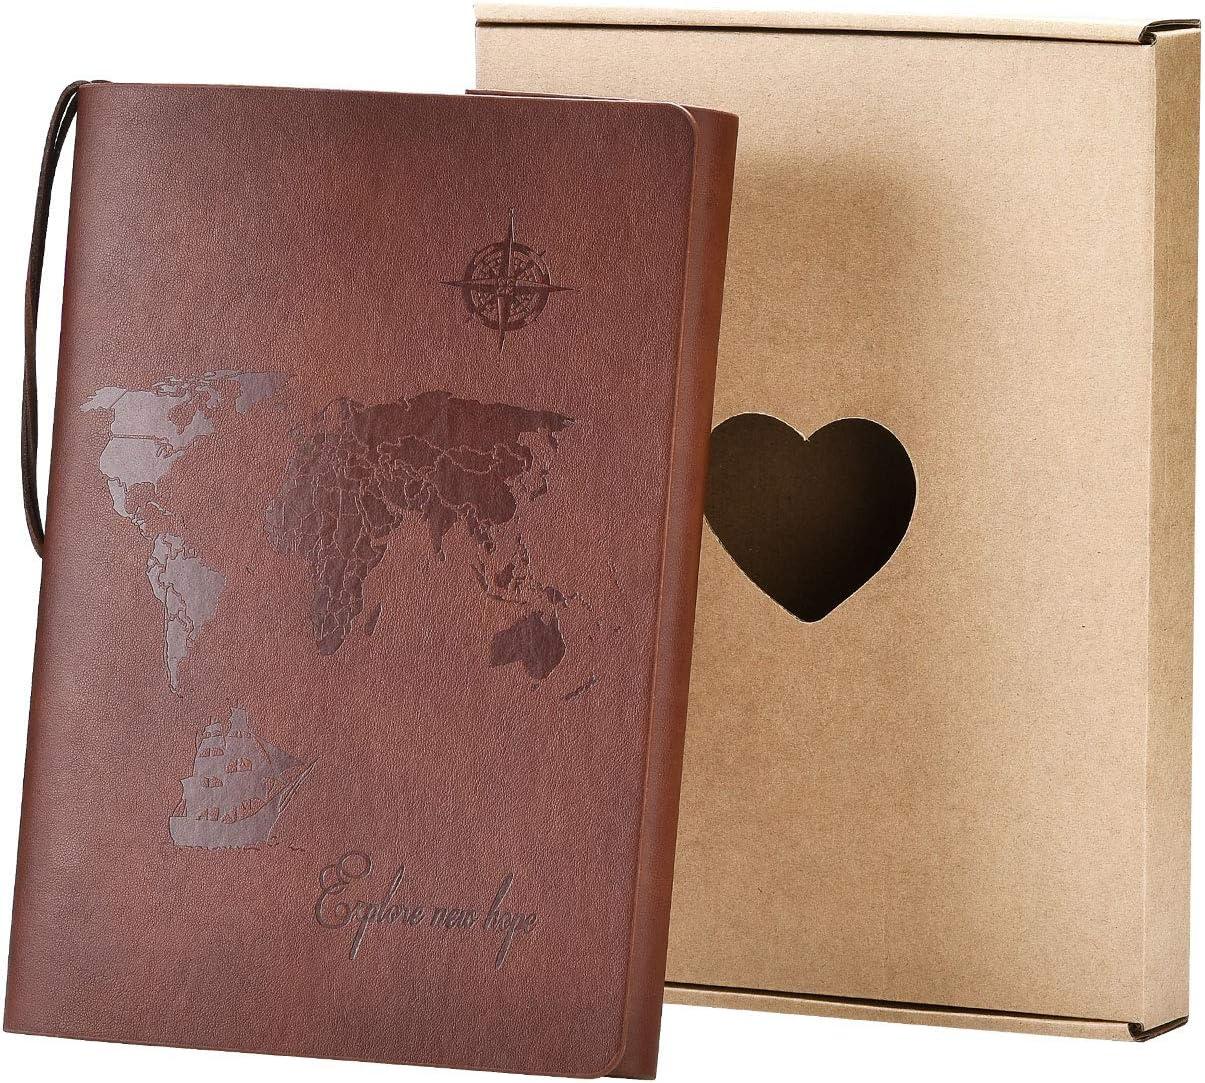 SEEALLDE A5 Cuaderno de Cuero Libreta Hojas Blancas Cuaderno de Viaje Vintage Rellenable Bloc Notas Diarios para Escribir Pintura Regalos de Navidad San Valentín Cumpleaños Madre(Marrón A5)